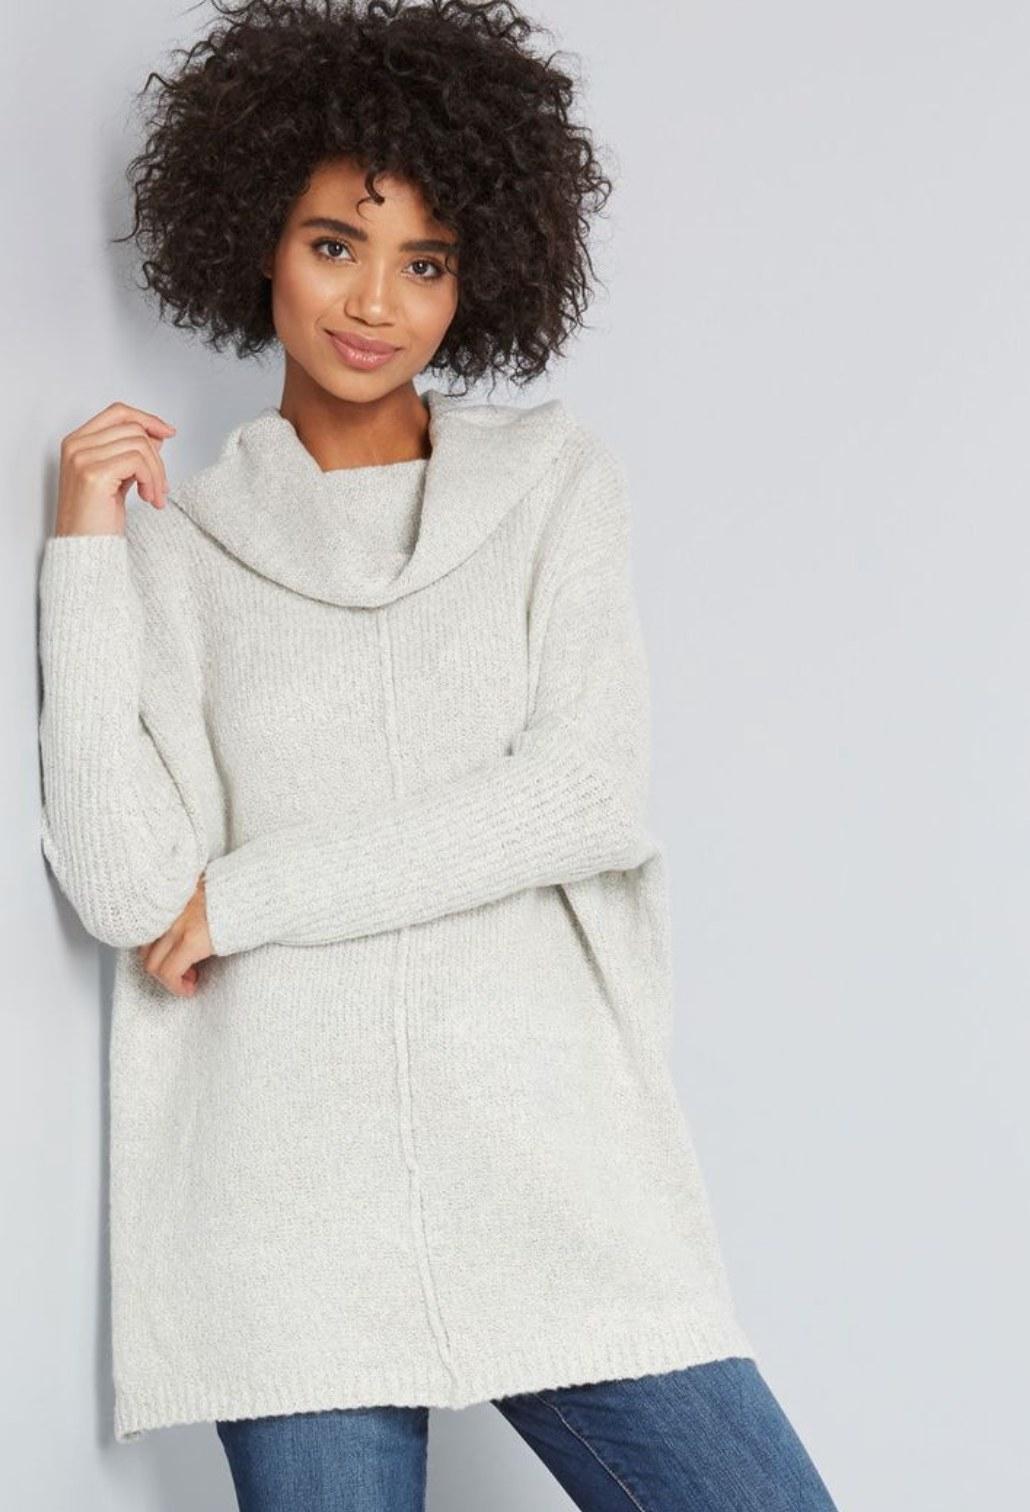 Model wearing the sweater in light grey